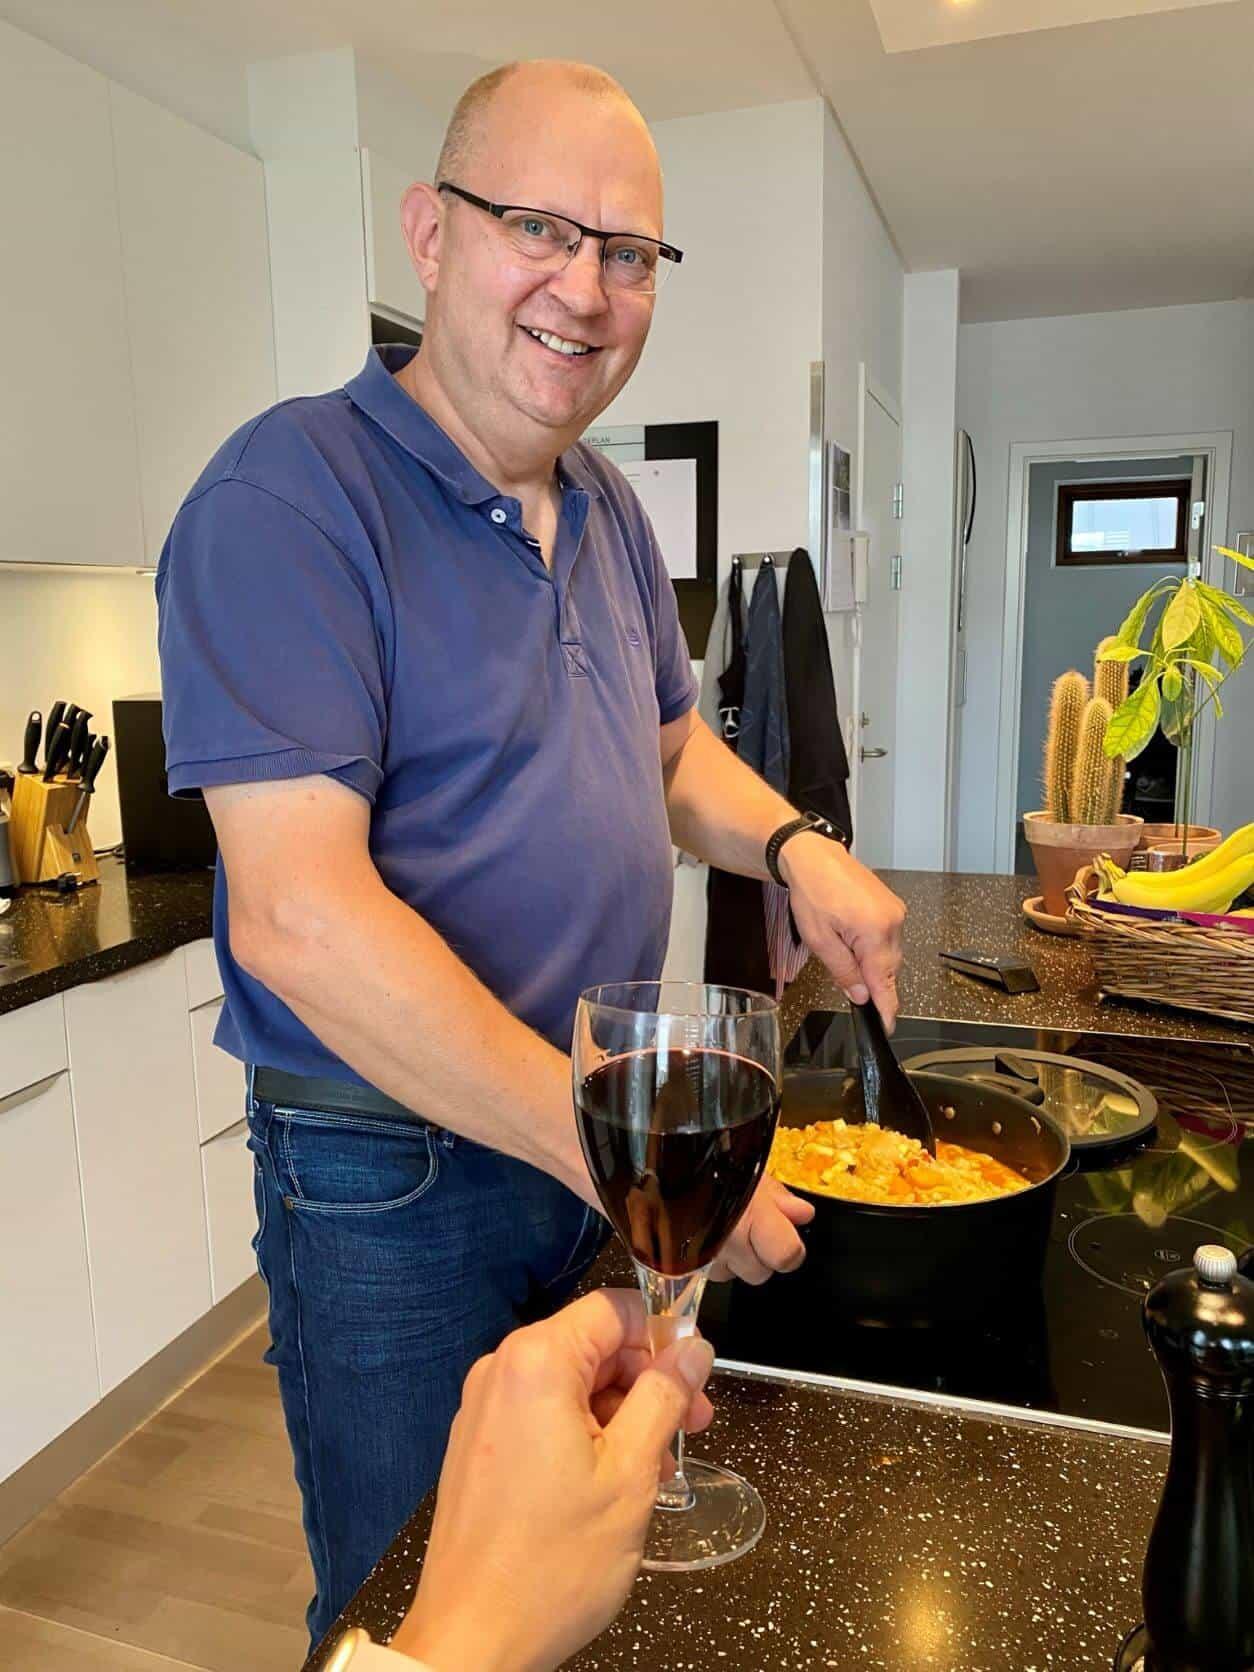 mads-køkken-sammenkogt-ret-rødvinsglas